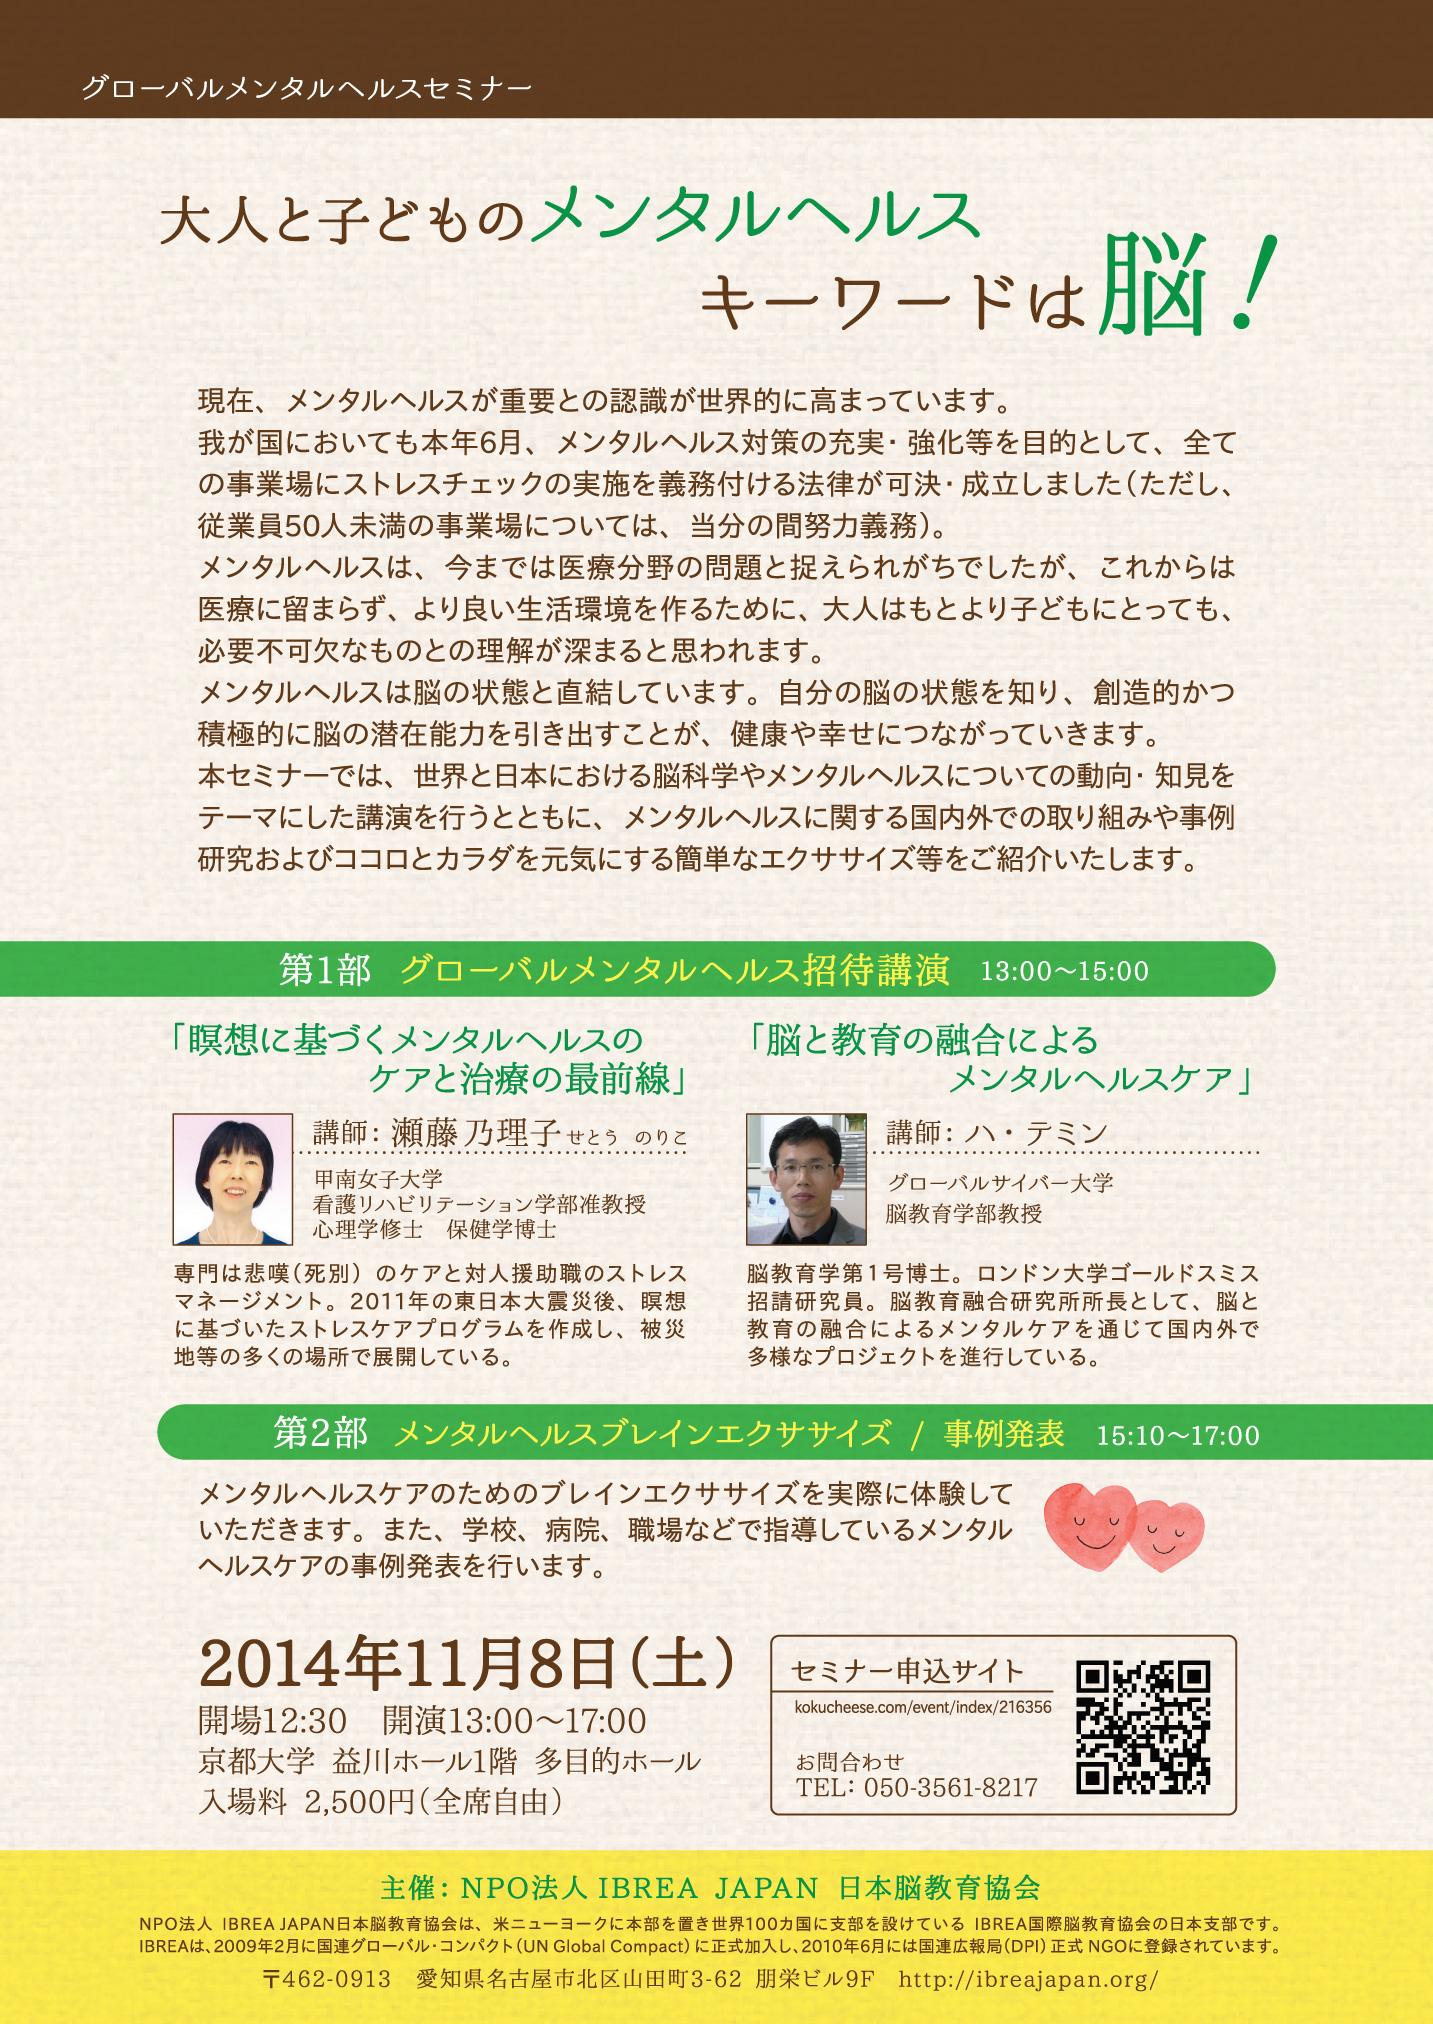 20141108kyoto_GMHseminar_flyer_ura